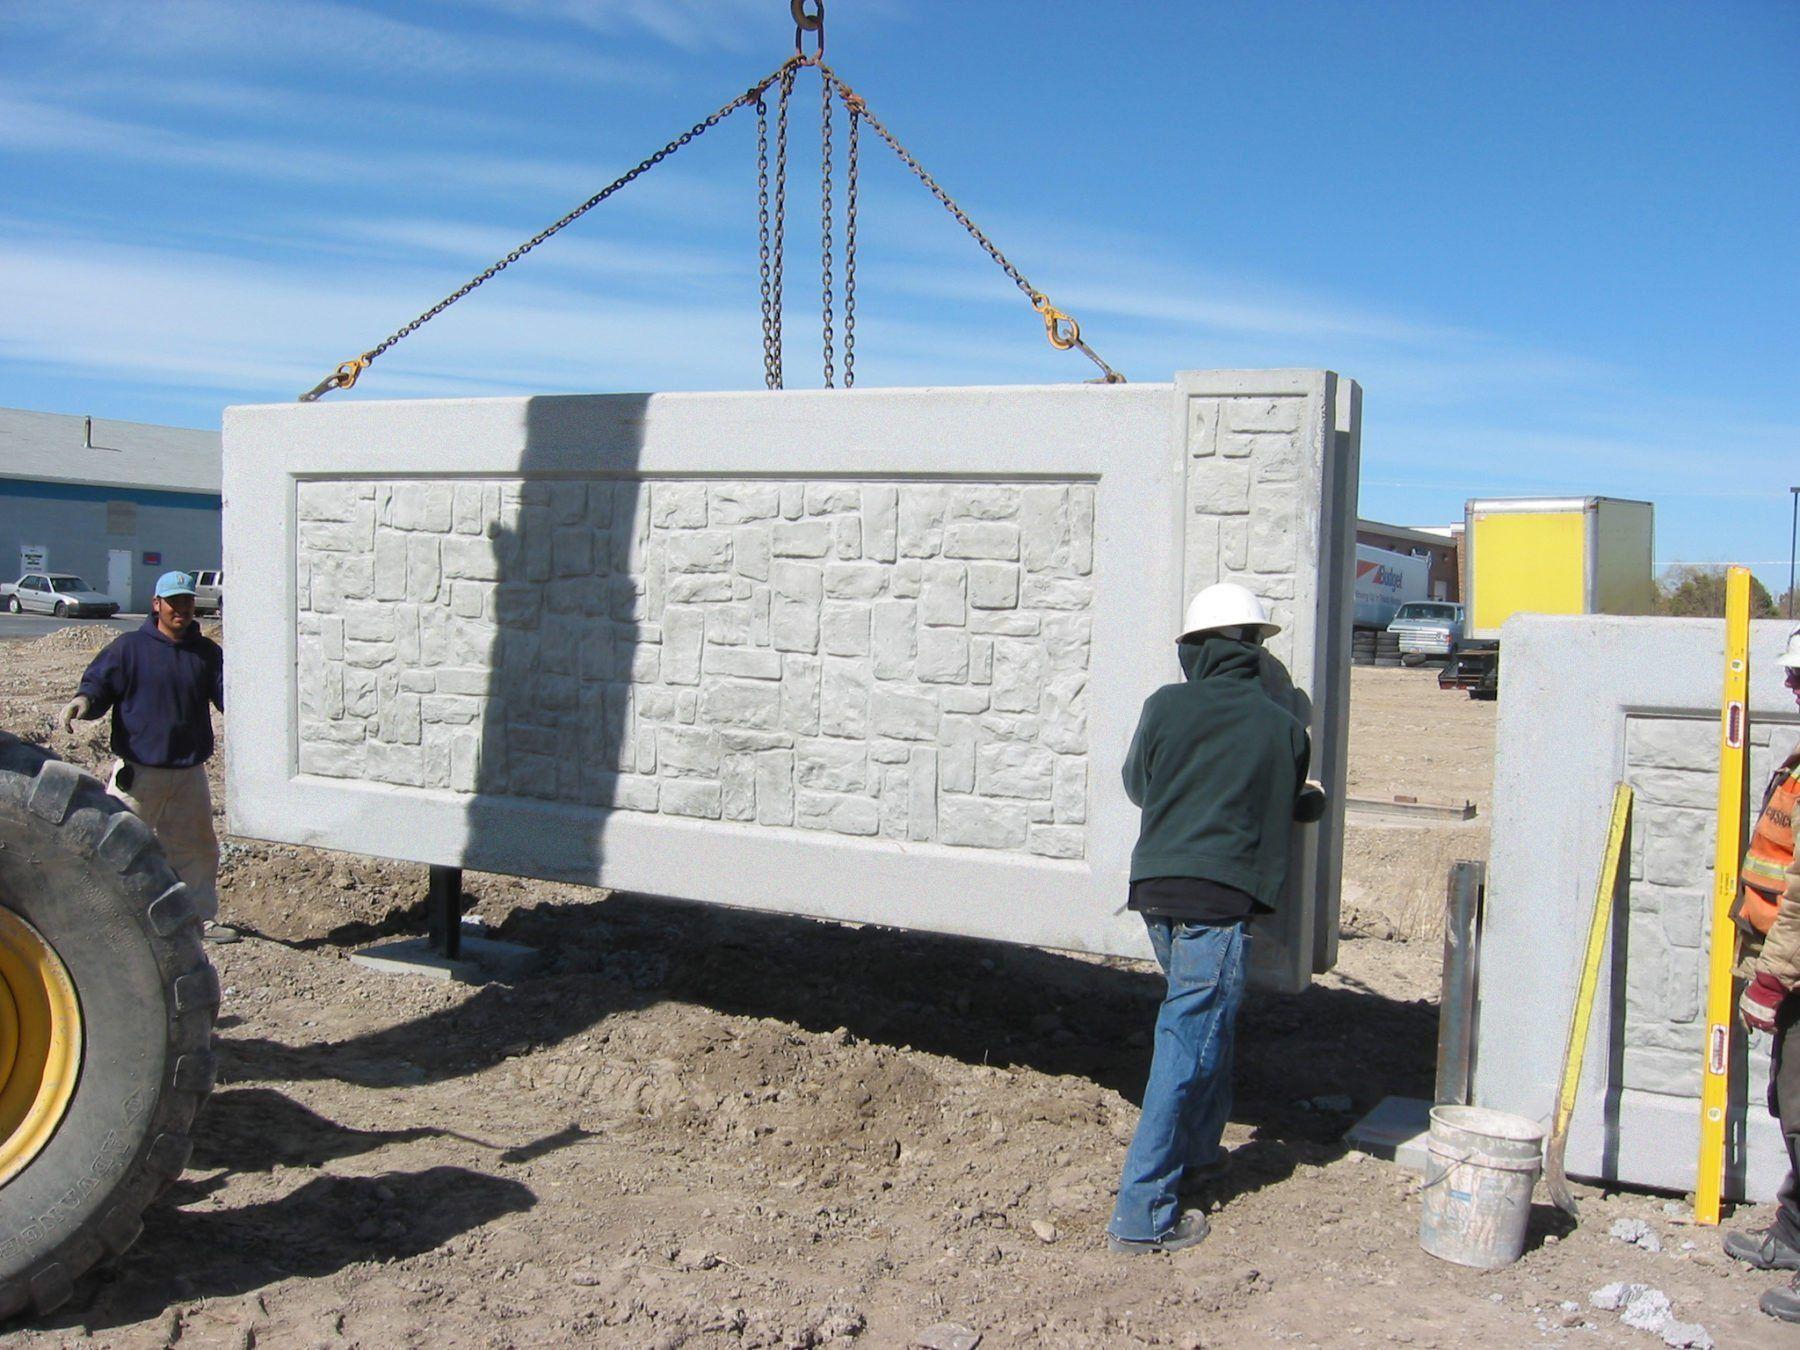 Precast Concrete Fence Walls Are Superior To Poured In Place Concrete Fence Walls Pre Cast Con Concrete Fence Wall Concrete Wall Installation Precast Concrete